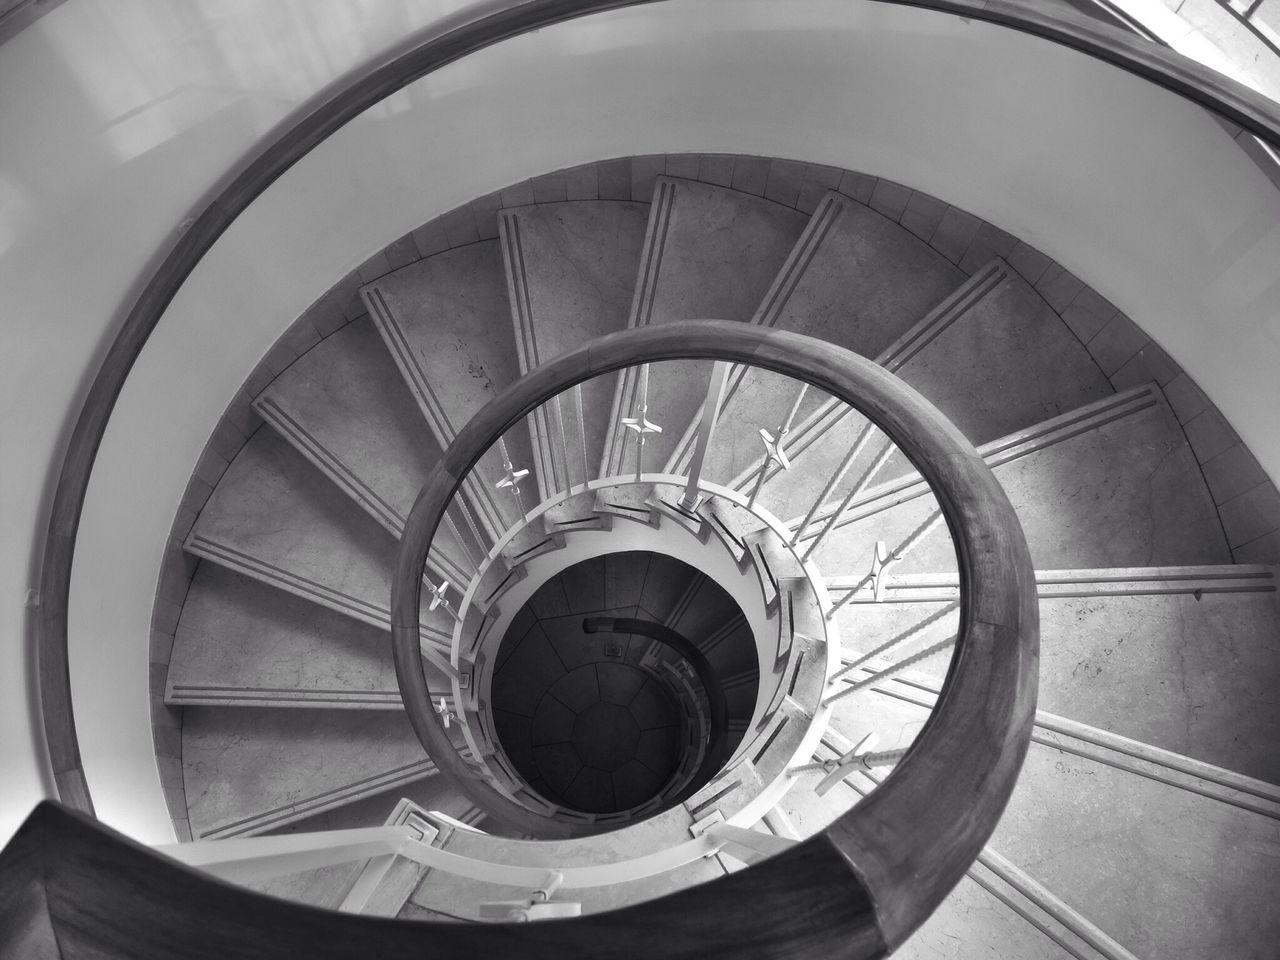 Bw_friday_eyeemchallange Bw_friday_challenge Black And White Vanishing Point Blackandwhite Stairways Urban Geometry The World Needs More Spiral Staircases Stairs Geometry